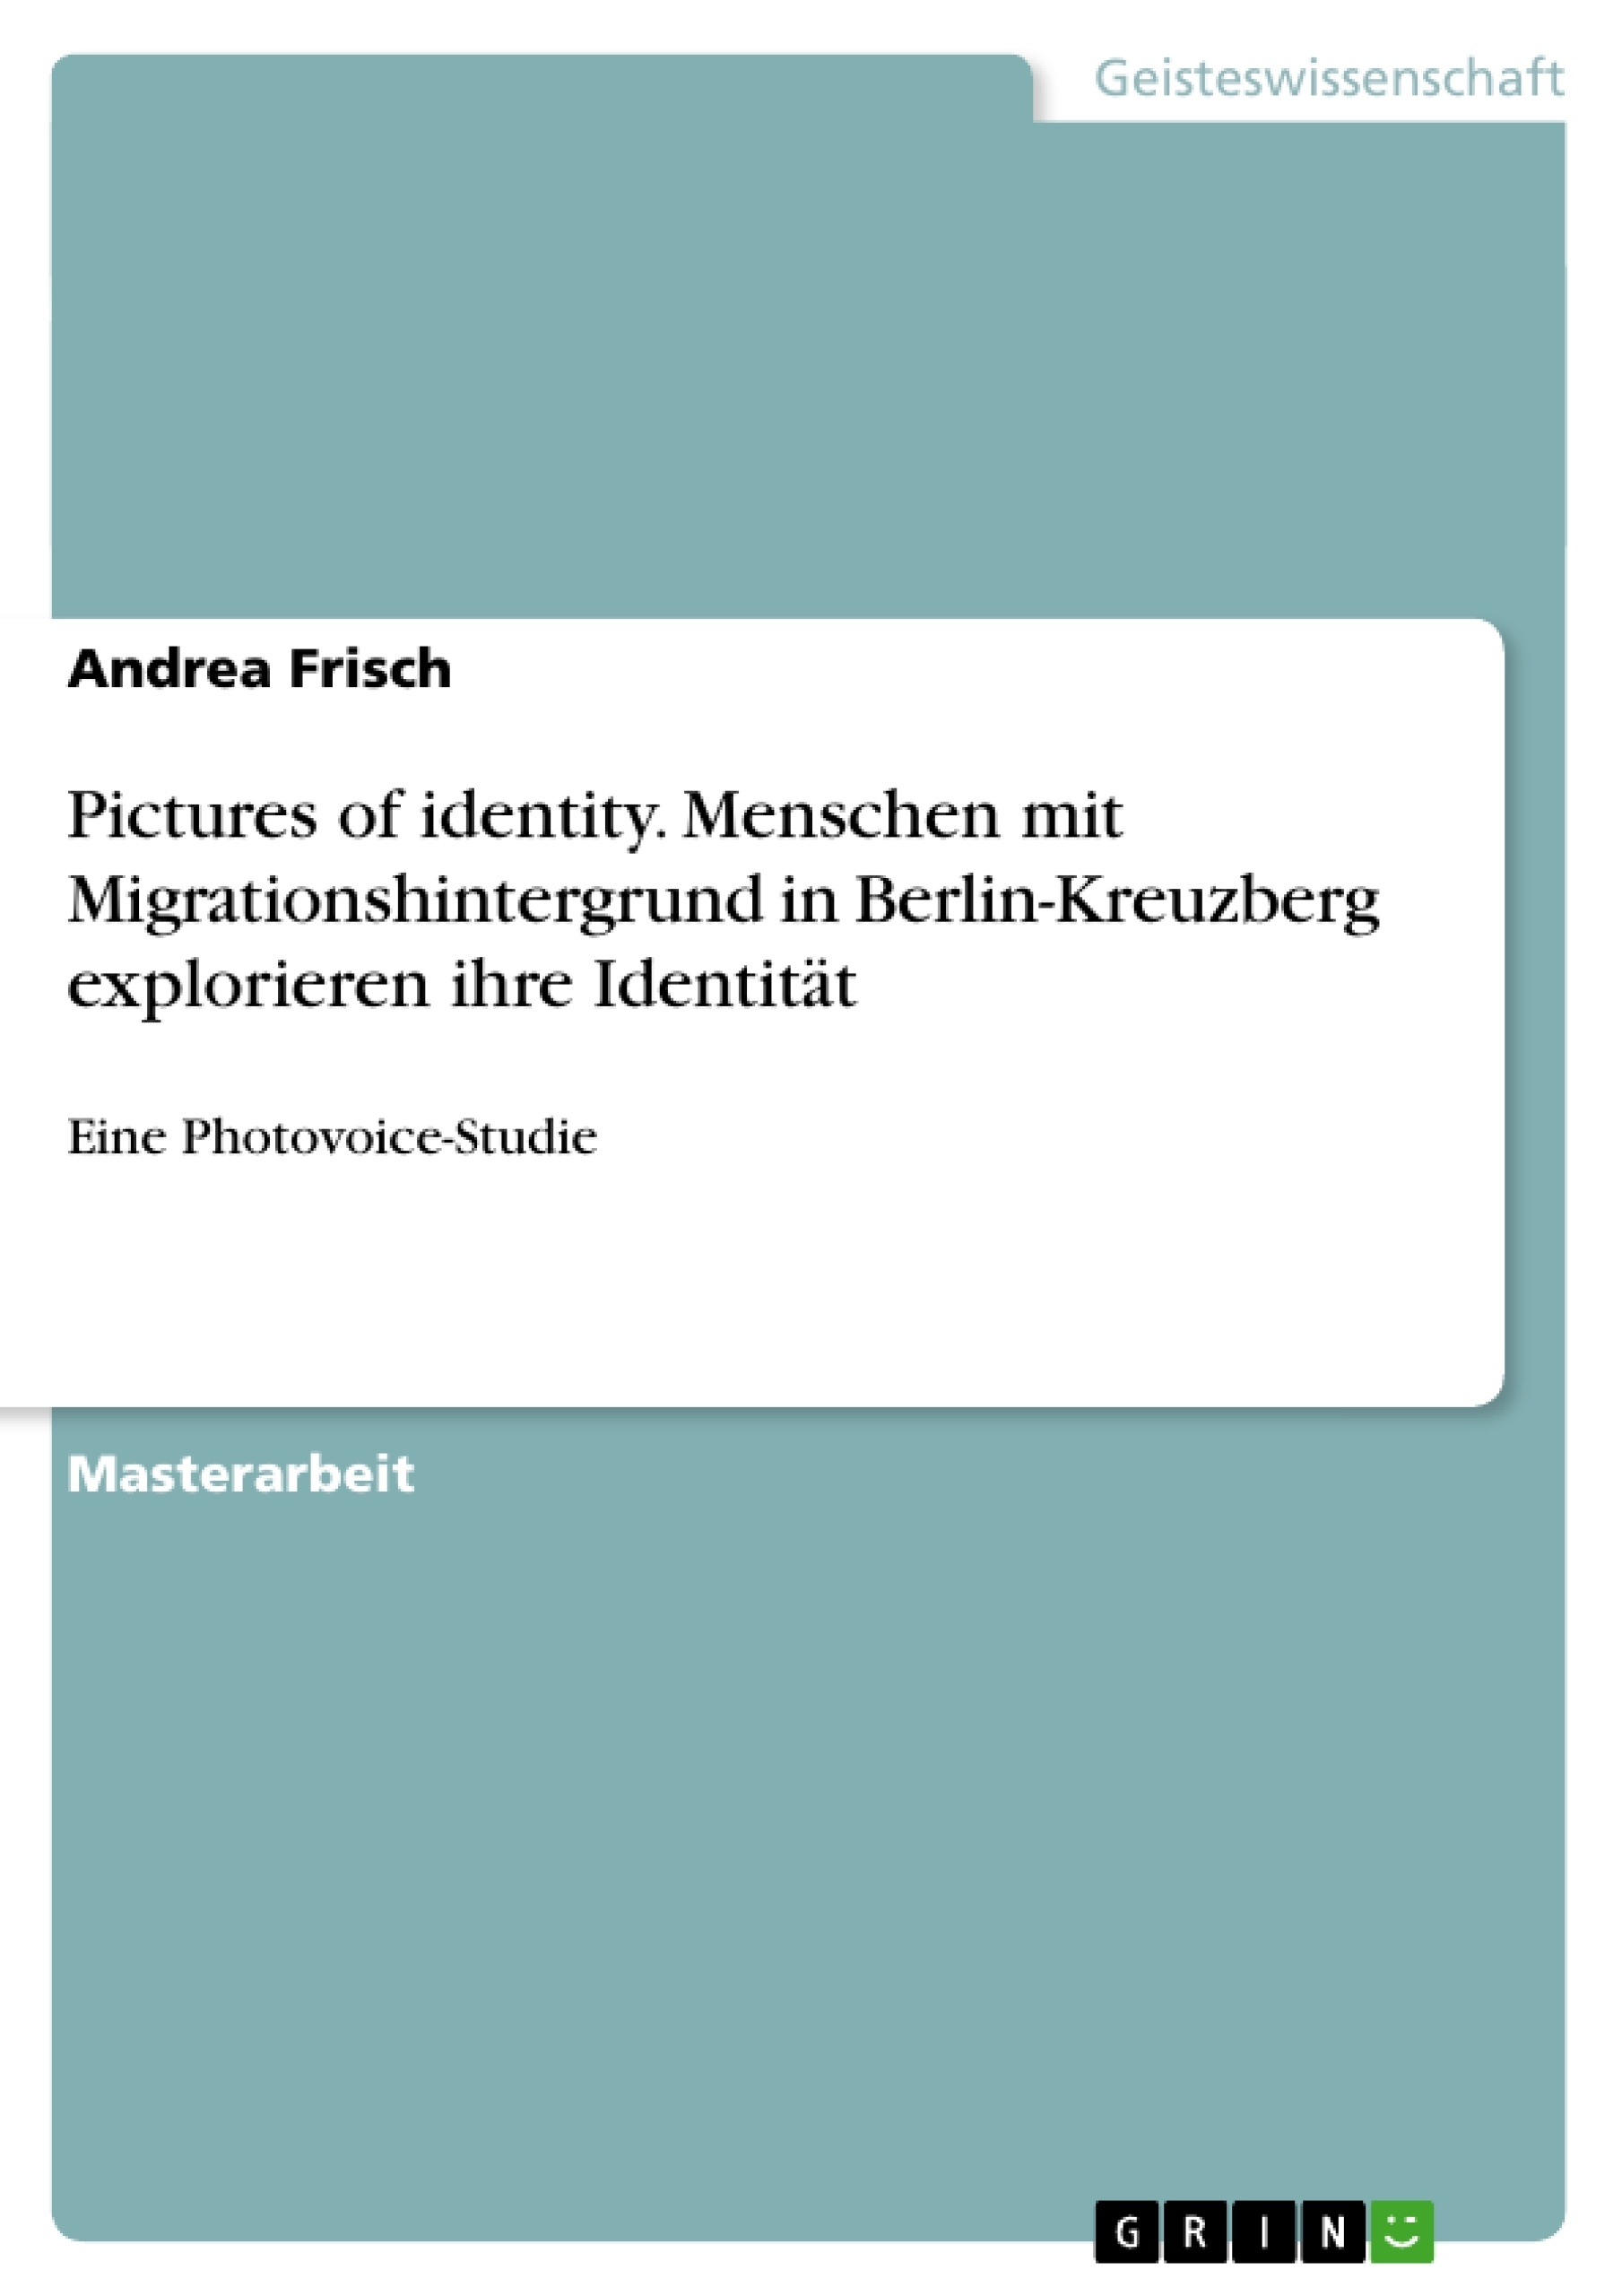 Titel: Pictures of identity. Menschen mit Migrationshintergrund in Berlin-Kreuzberg explorieren ihre Identität